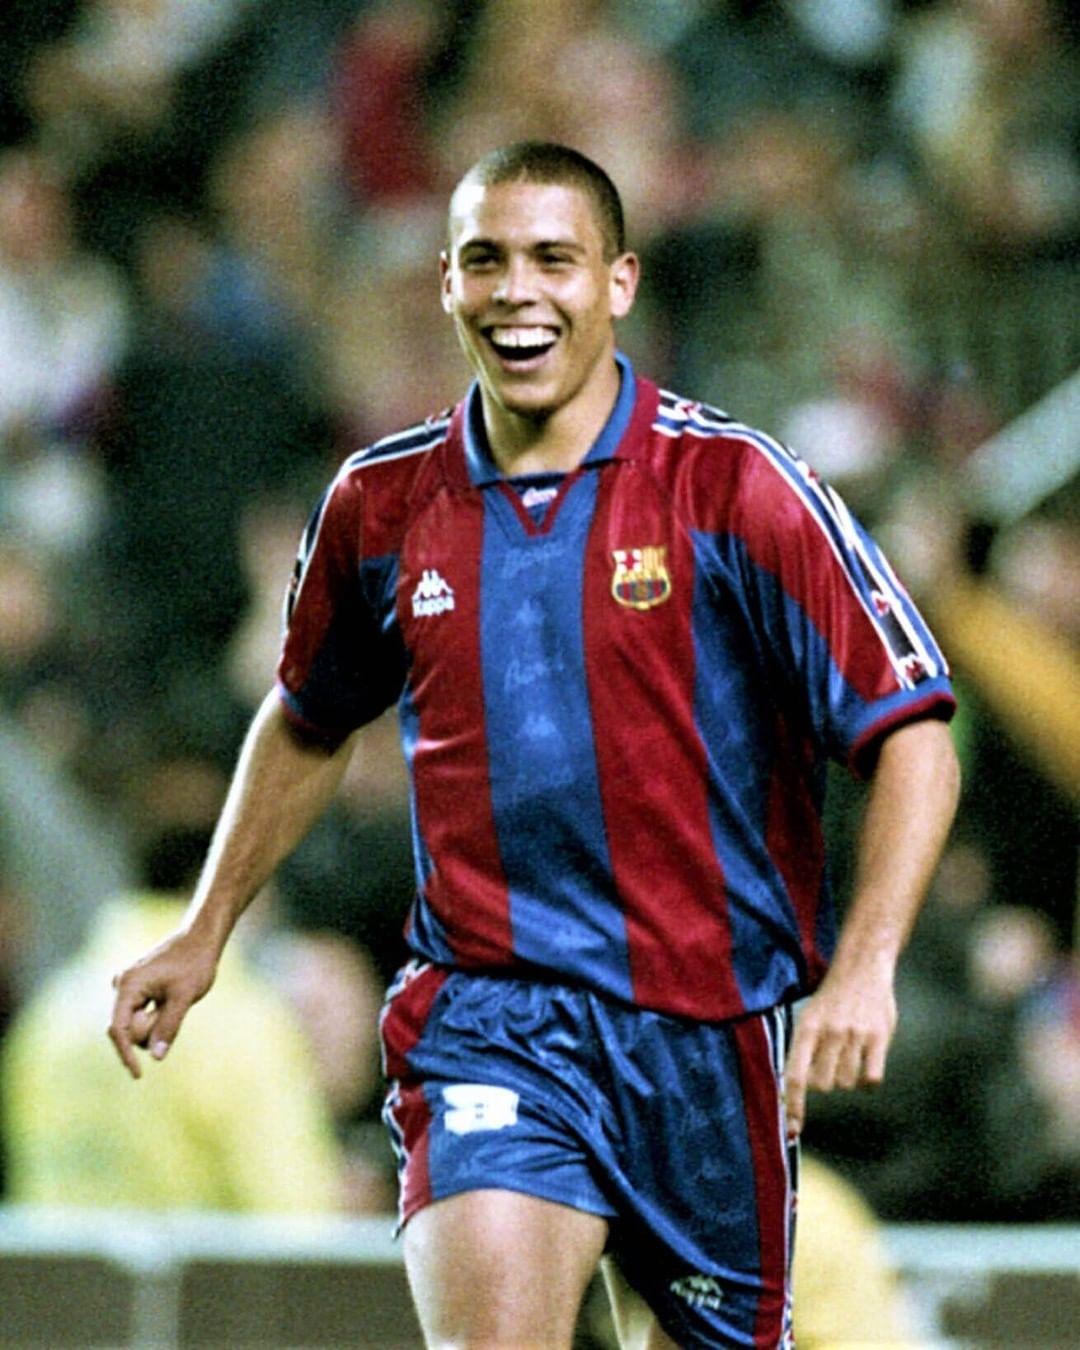 The phenomenon Ronaldo